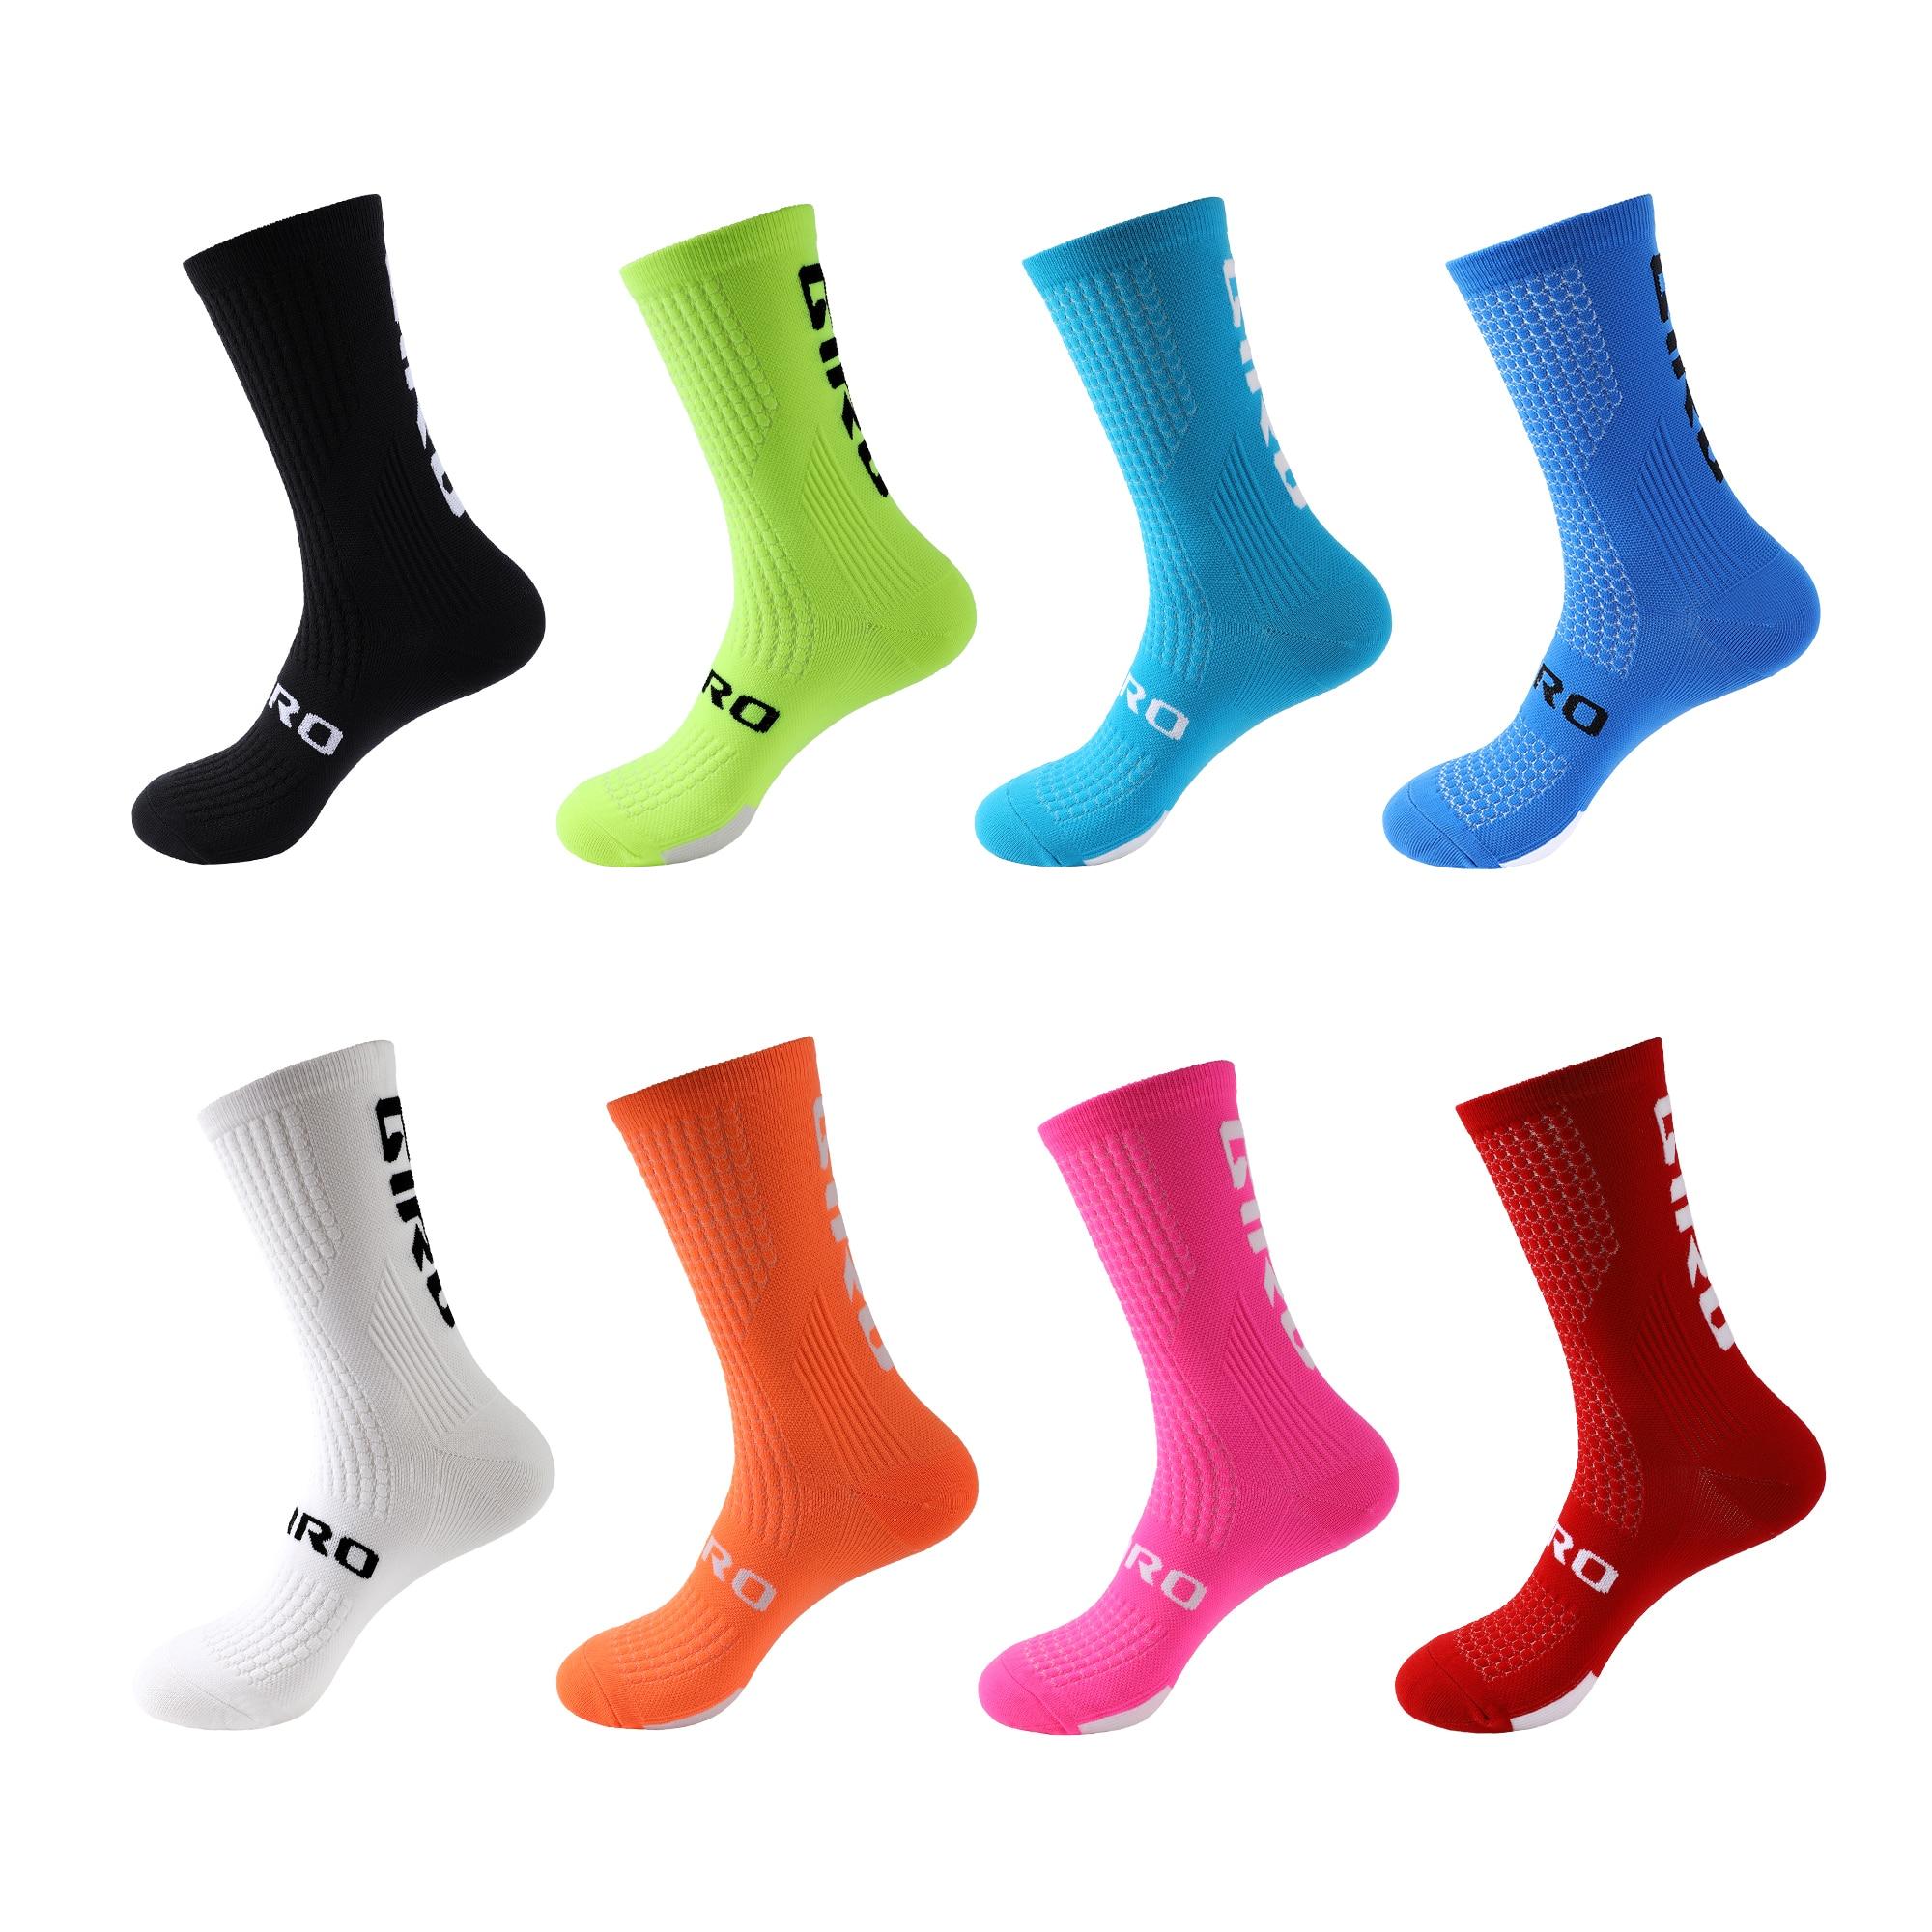 Велосипедные носки для мужчин и женщин, высокие носки, носки, футбольные носки, носки для бега, Спортивные командные походные хлопковые носк...